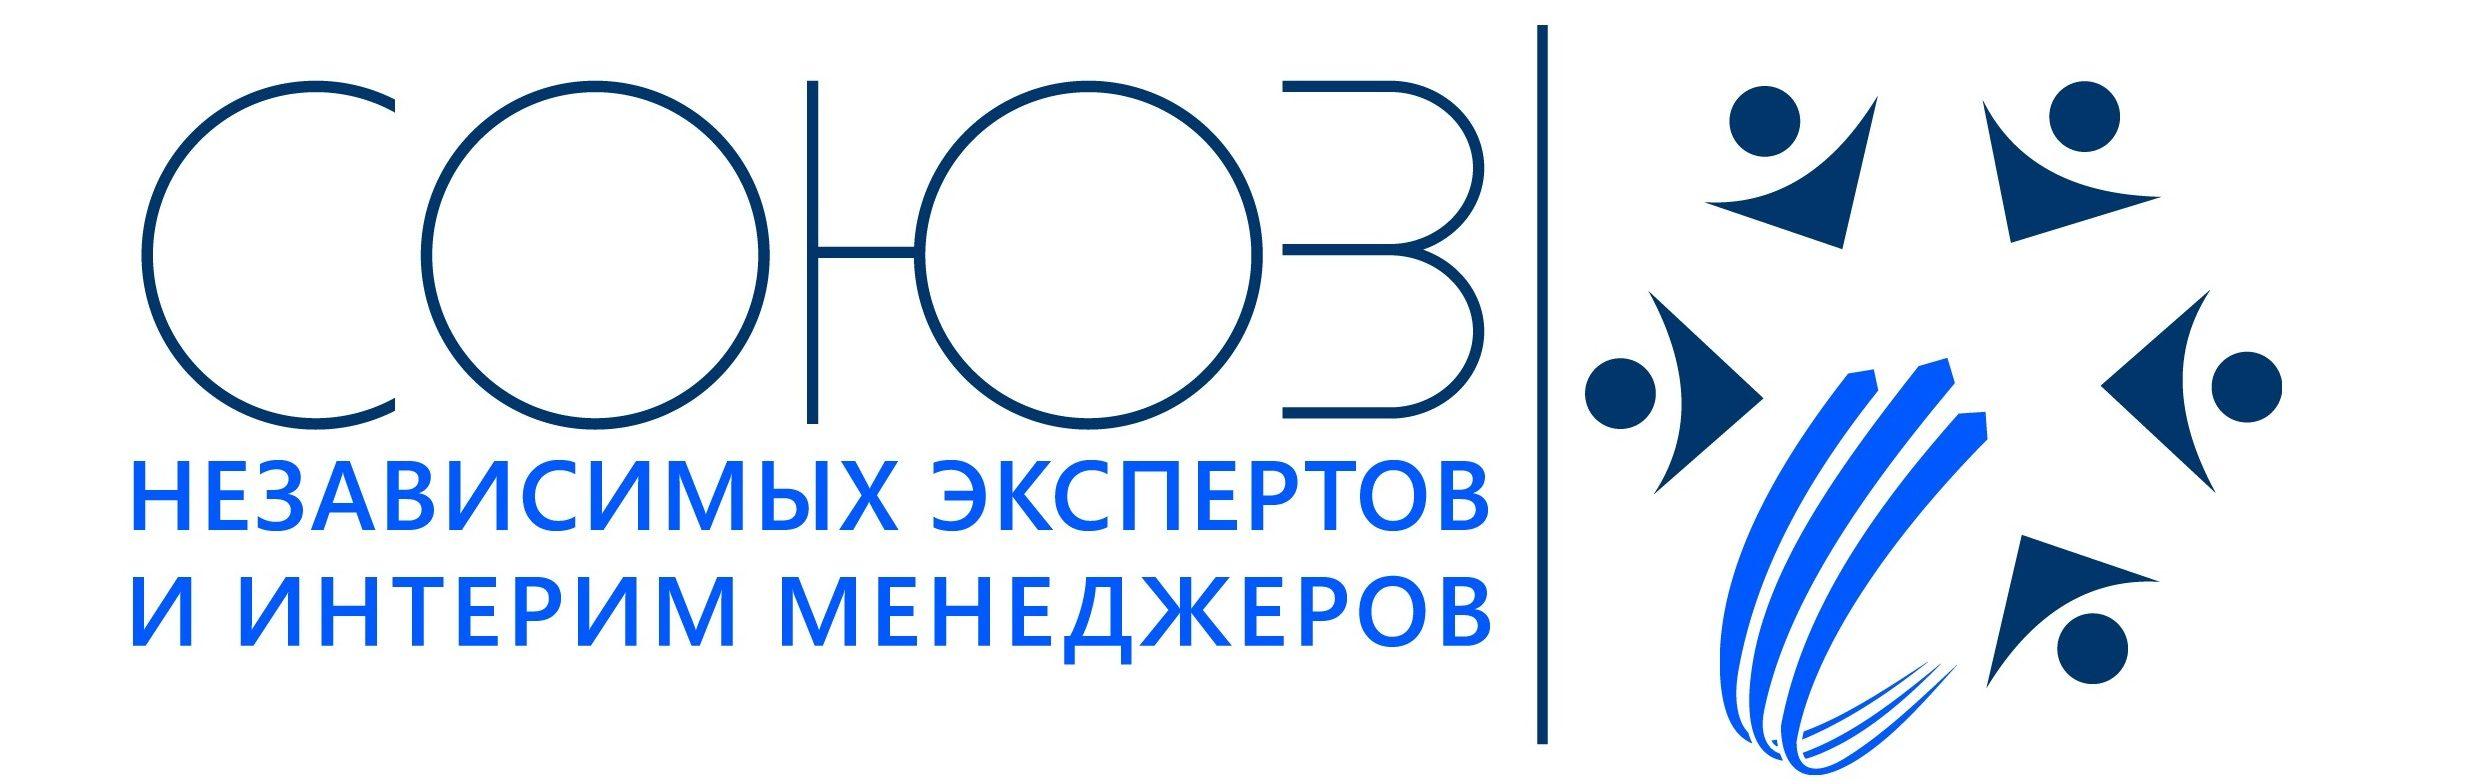 Союз независимых экспертов и интерим менеджеров